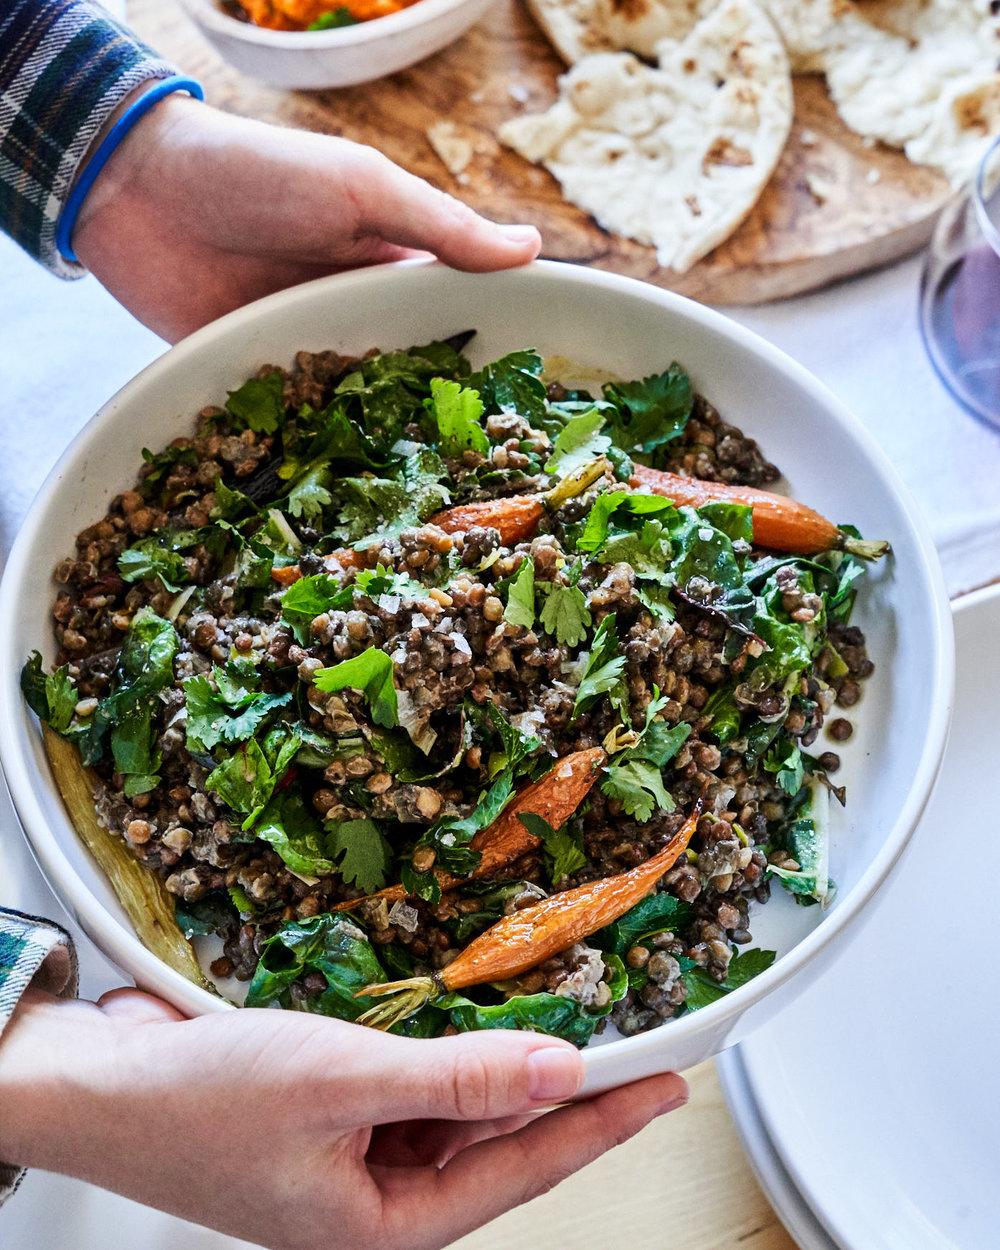 Warm+Lentil+Roasted+Carrot+Herb+Salad